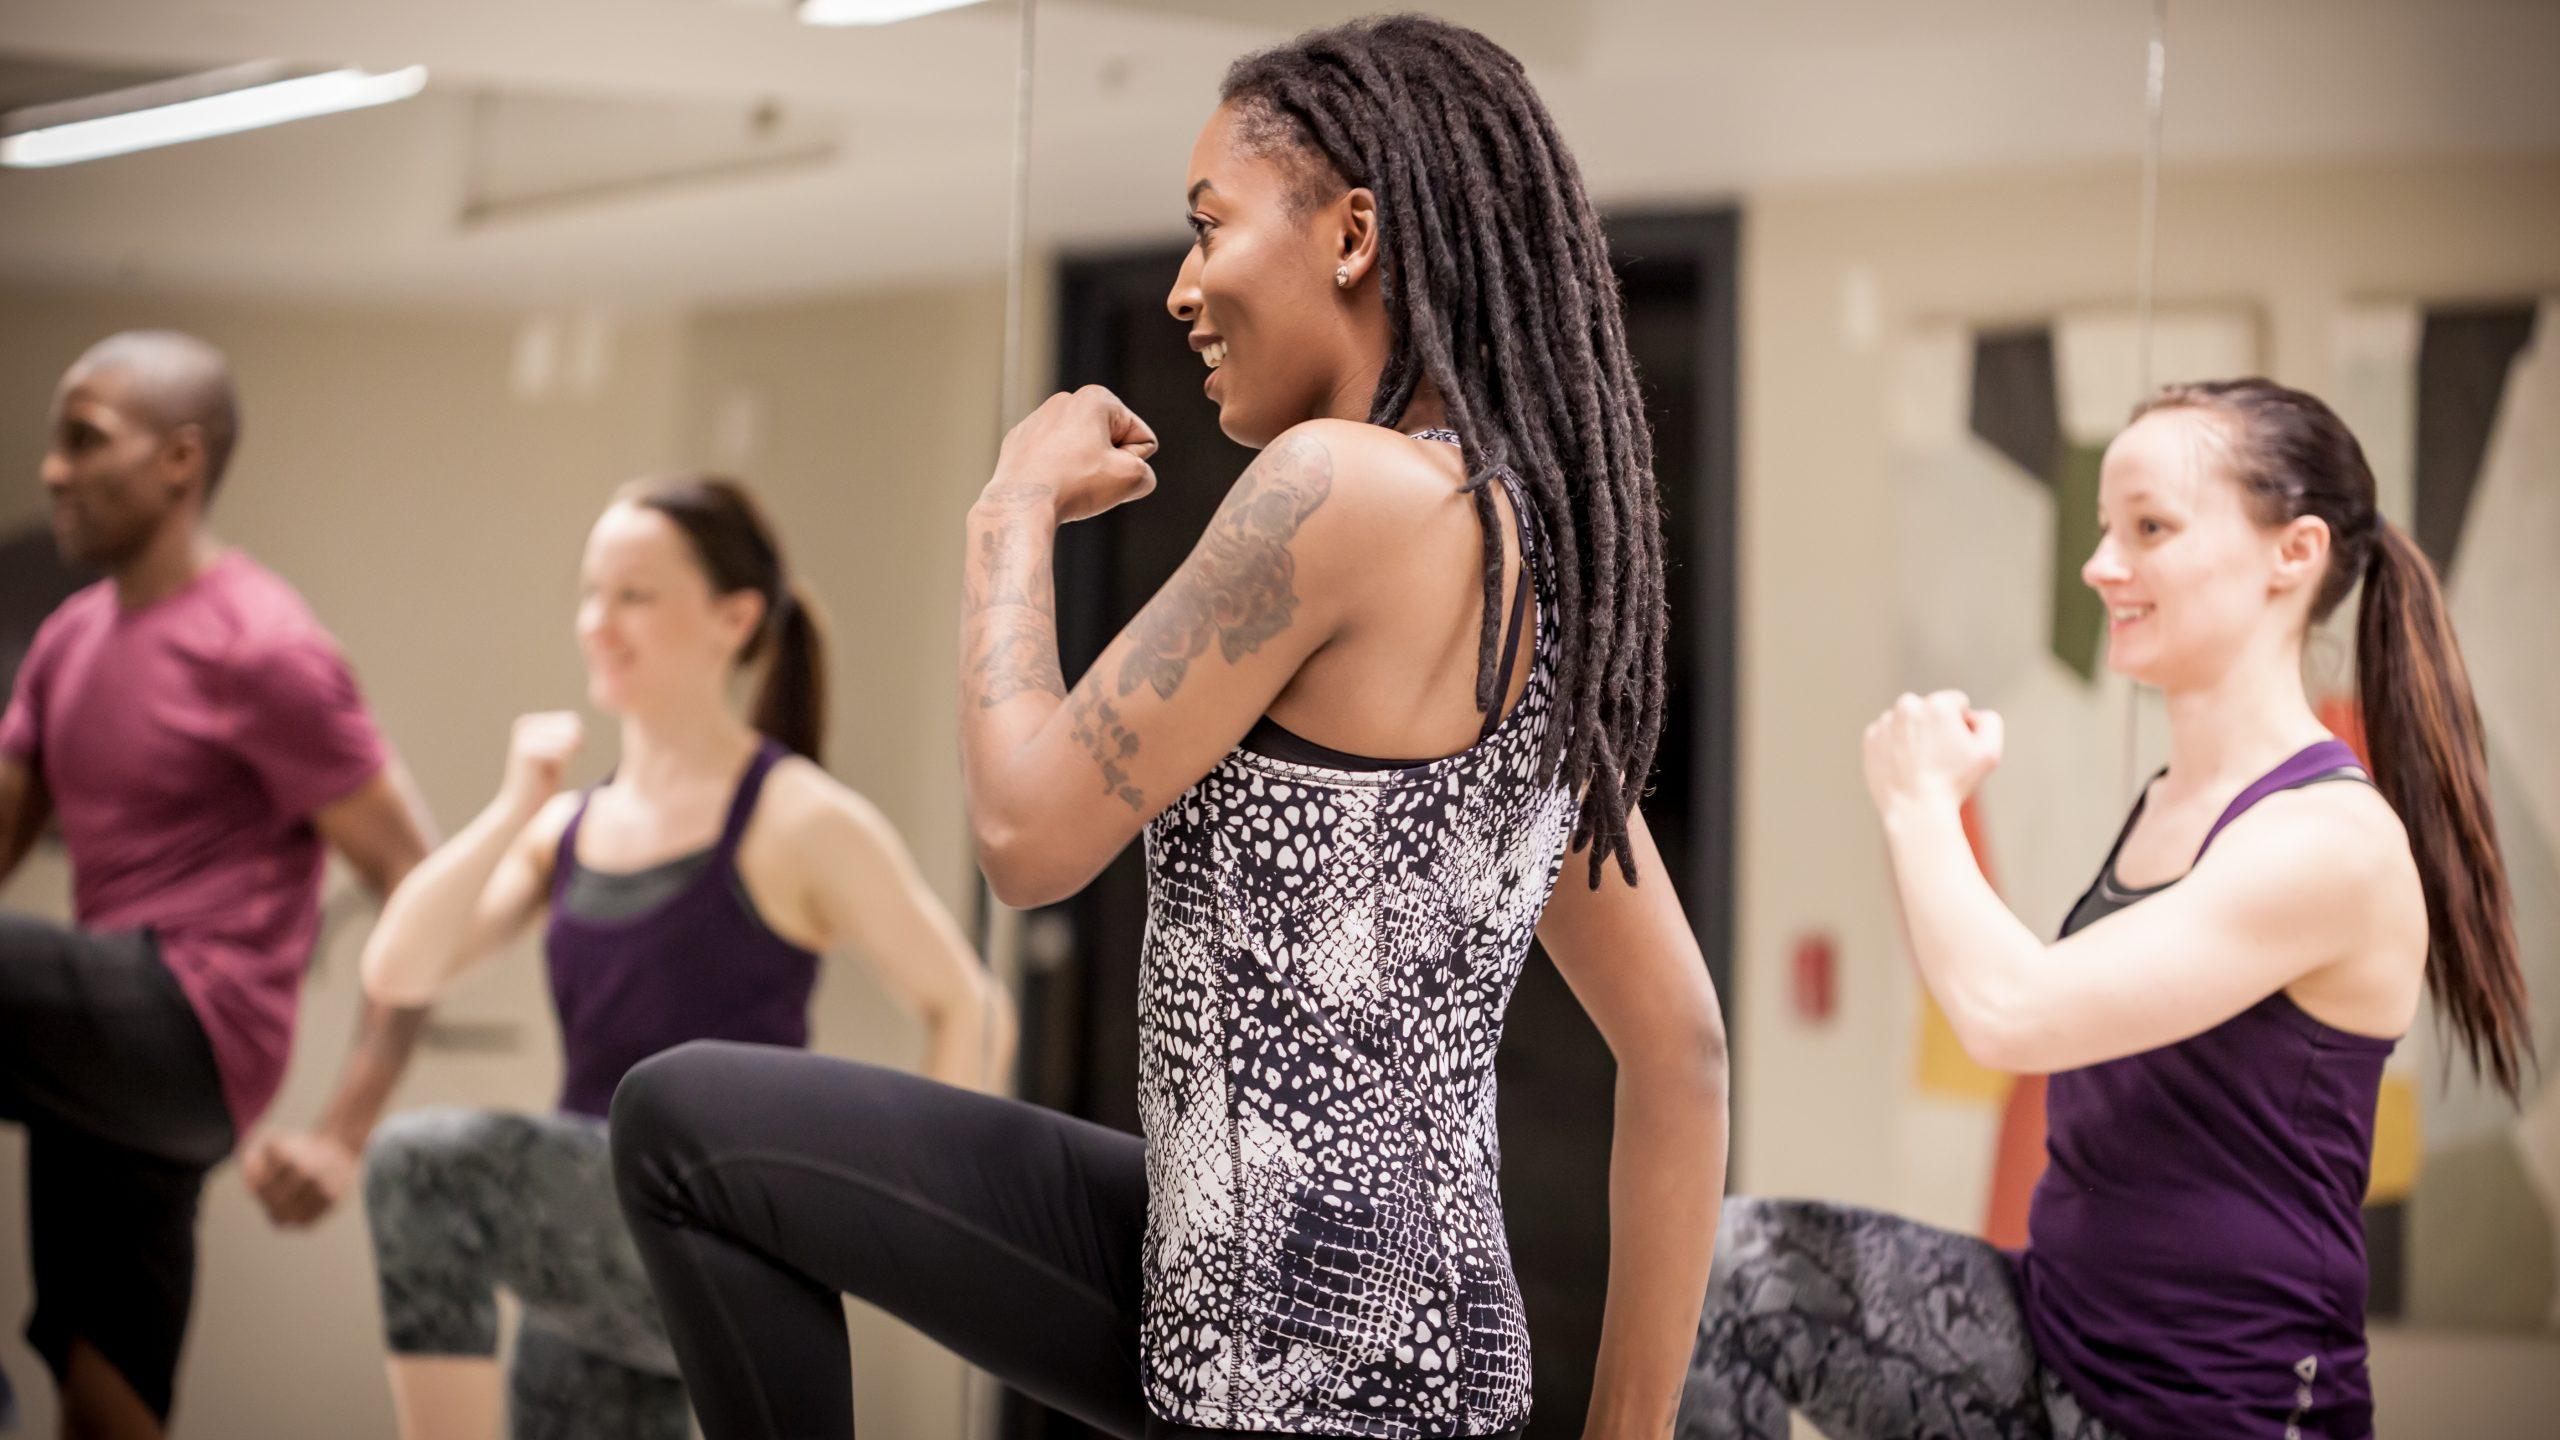 Yoga for Athletes | 8-Week Training Program 4